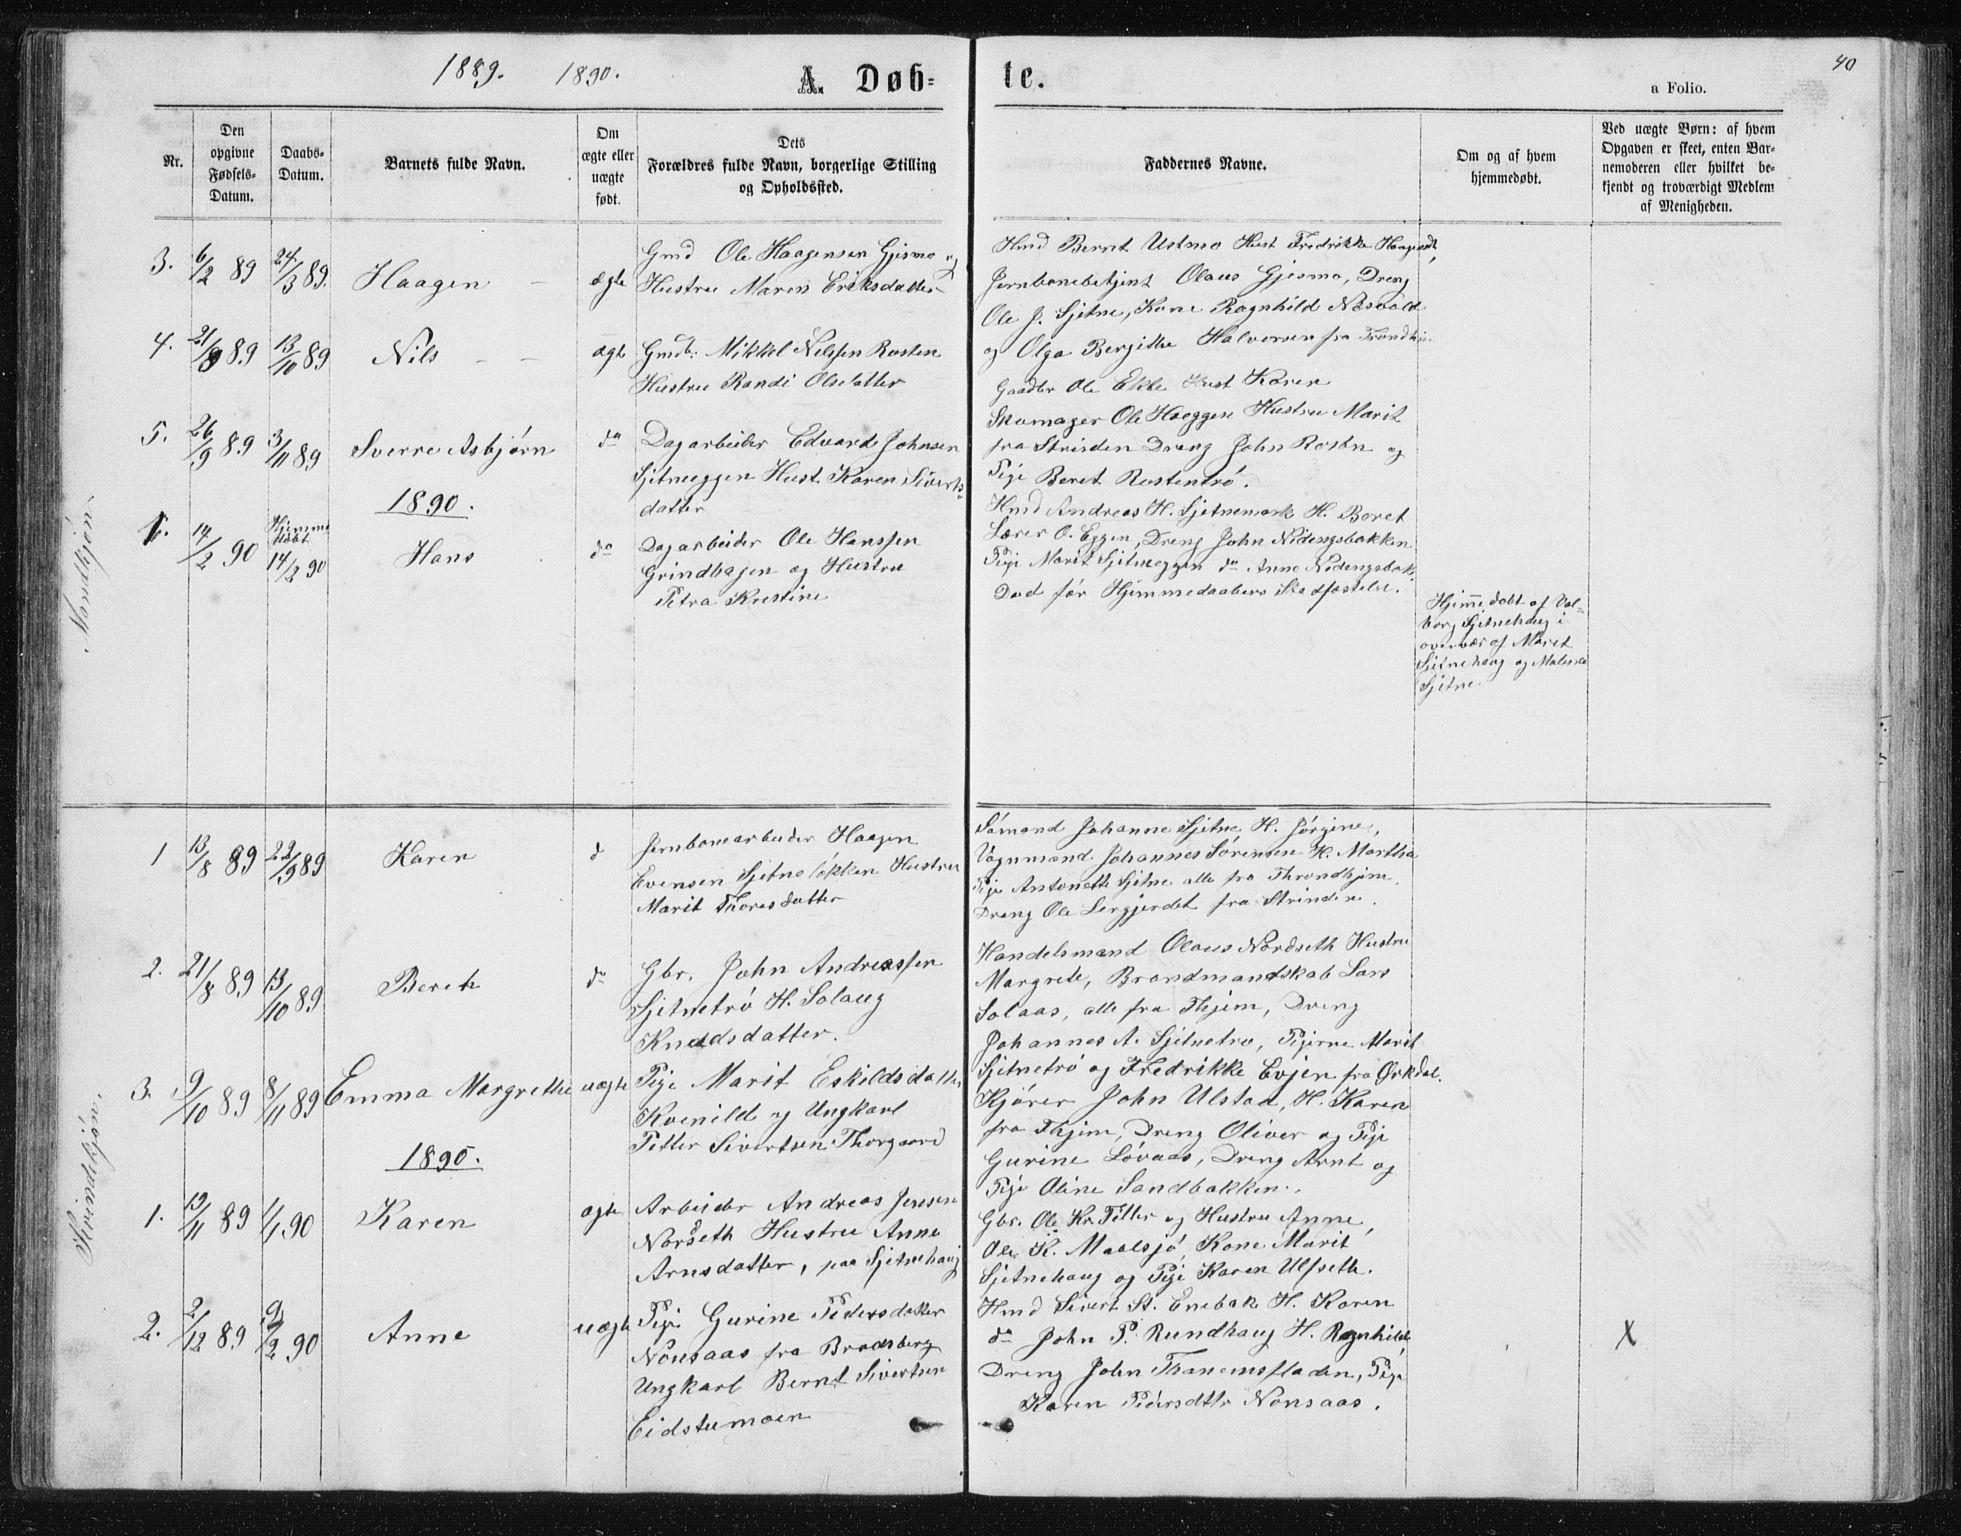 SAT, Ministerialprotokoller, klokkerbøker og fødselsregistre - Sør-Trøndelag, 621/L0459: Klokkerbok nr. 621C02, 1866-1895, s. 40